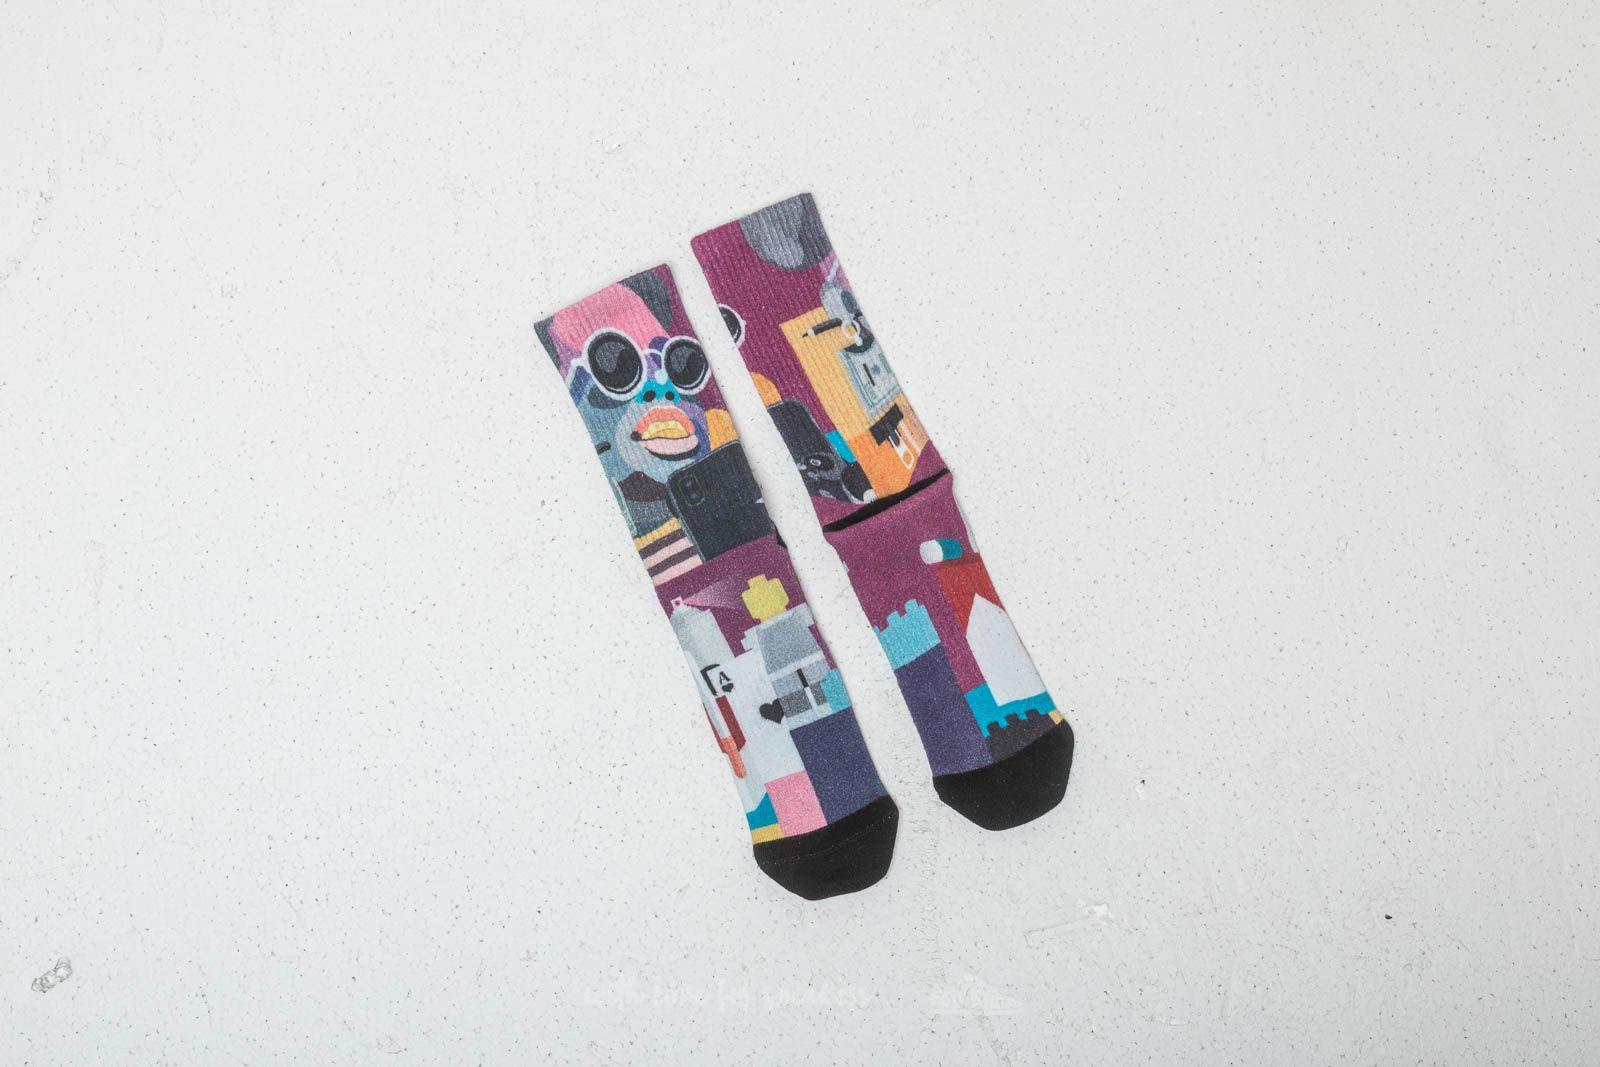 Moon Socks Girl Socks za skvělou cenu 189 Kč koupíte na Footshop.cz